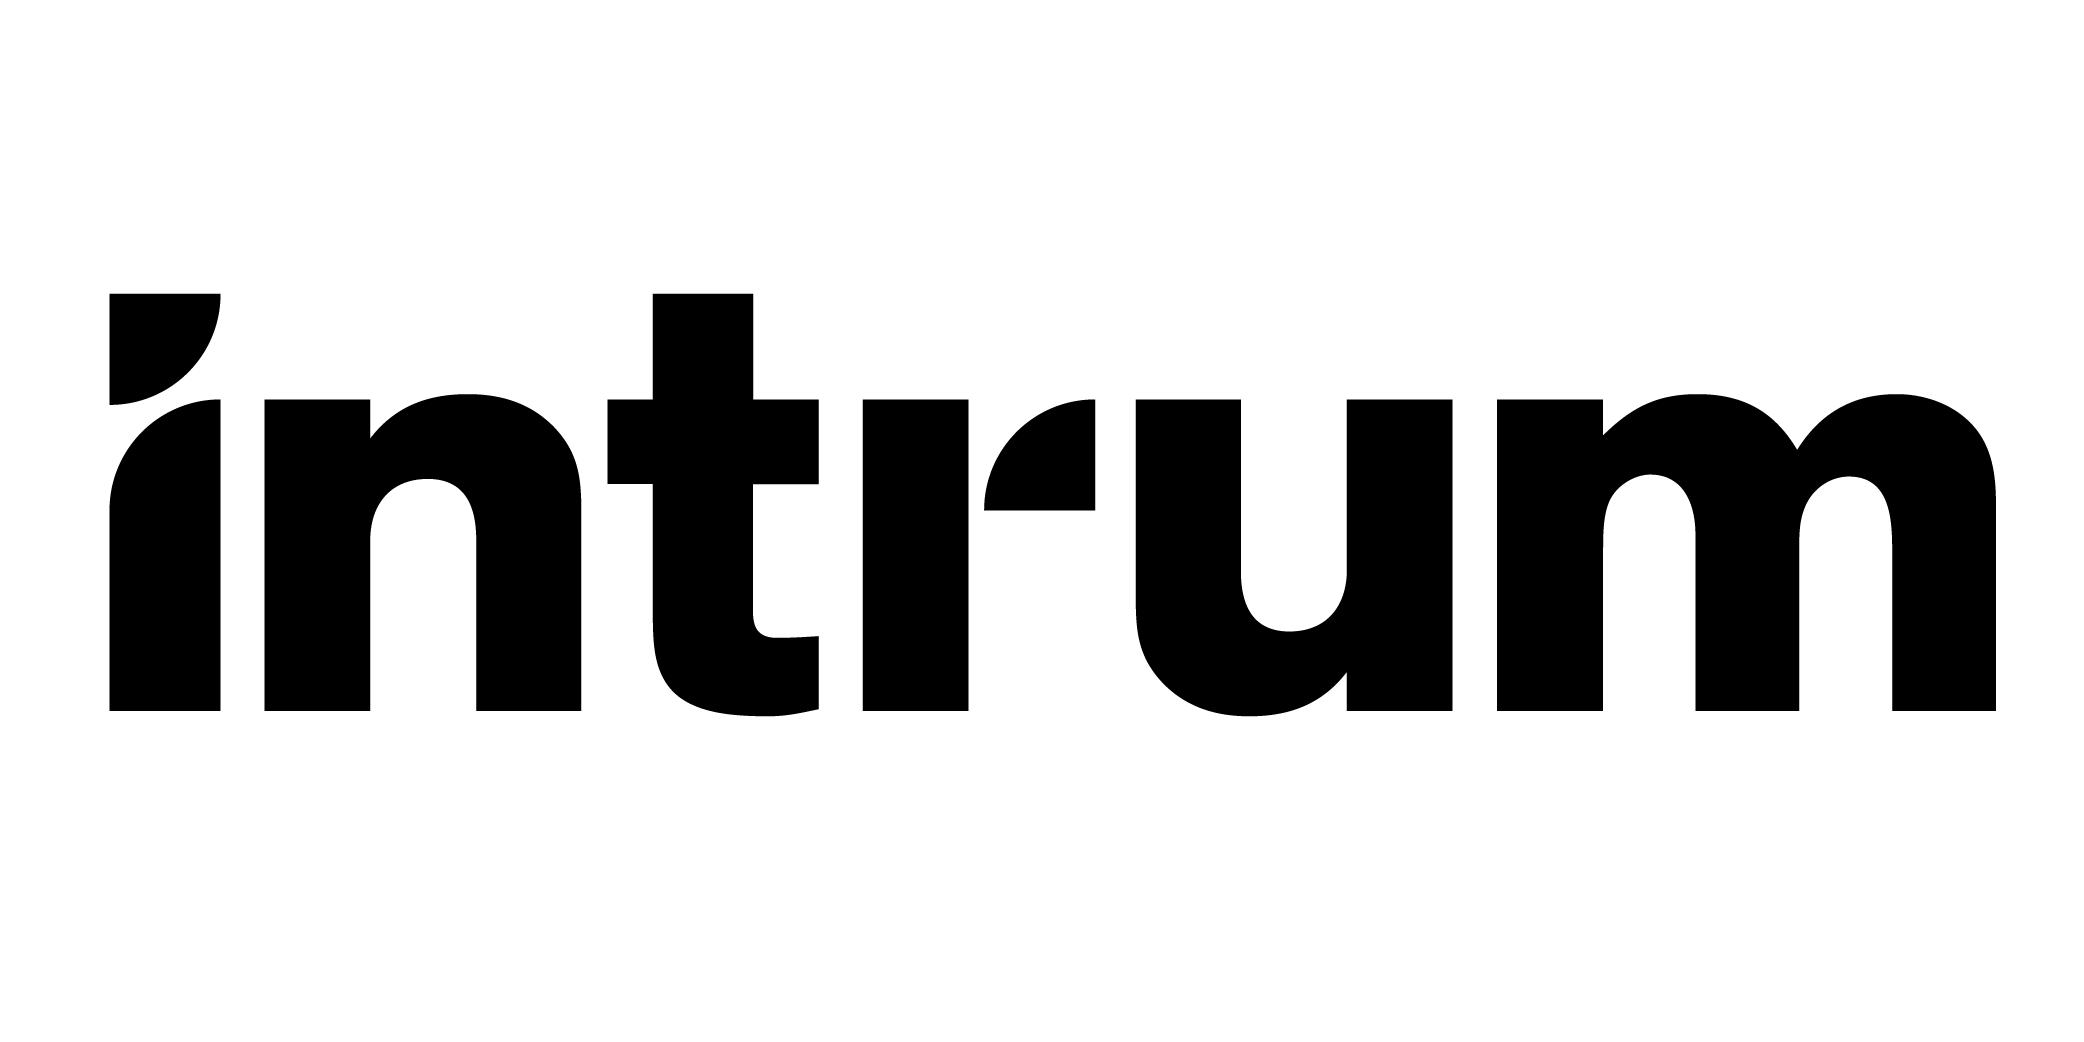 Los impagos reducen la capacidad de crecimiento de 6 de cada 10 empresas españolas, según Intrum